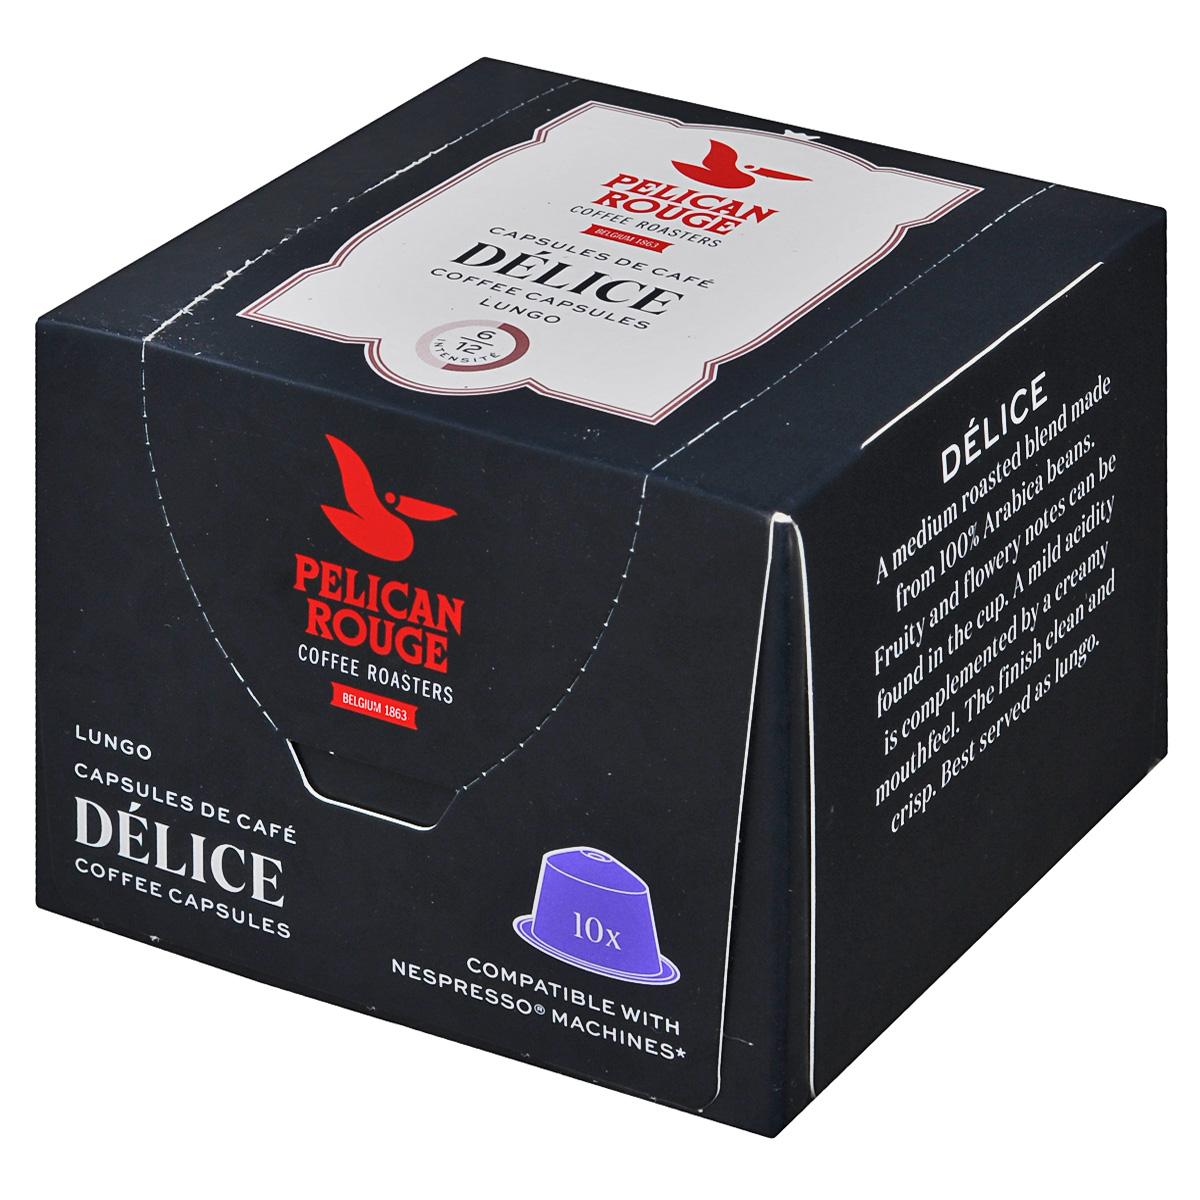 Pelican Rouge Delice кофе в капсулах, 10 шт0120710Кофе в капсулах Pelican Rouge Delice имеет утонченный вкус с оттенками карамели. Кофе средней обжарки характеризуется акцентом на фруктовый вкус с легкой кислинкой.